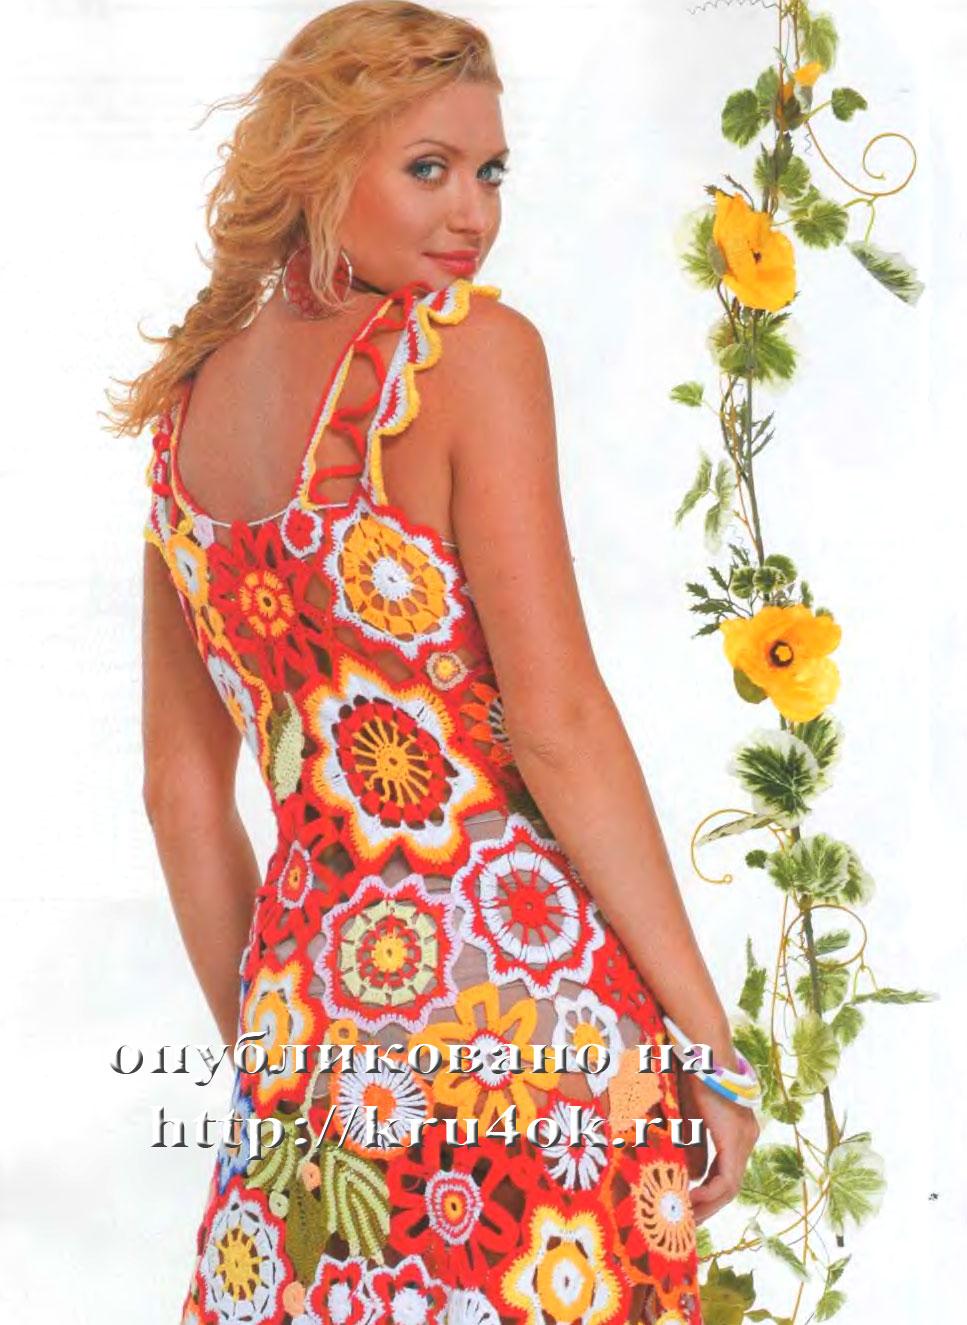 Мария Сергеевна.  Яркий сарафан, связанный крючком.  Соцветие фантазийных цветов, яркие сочные краски...